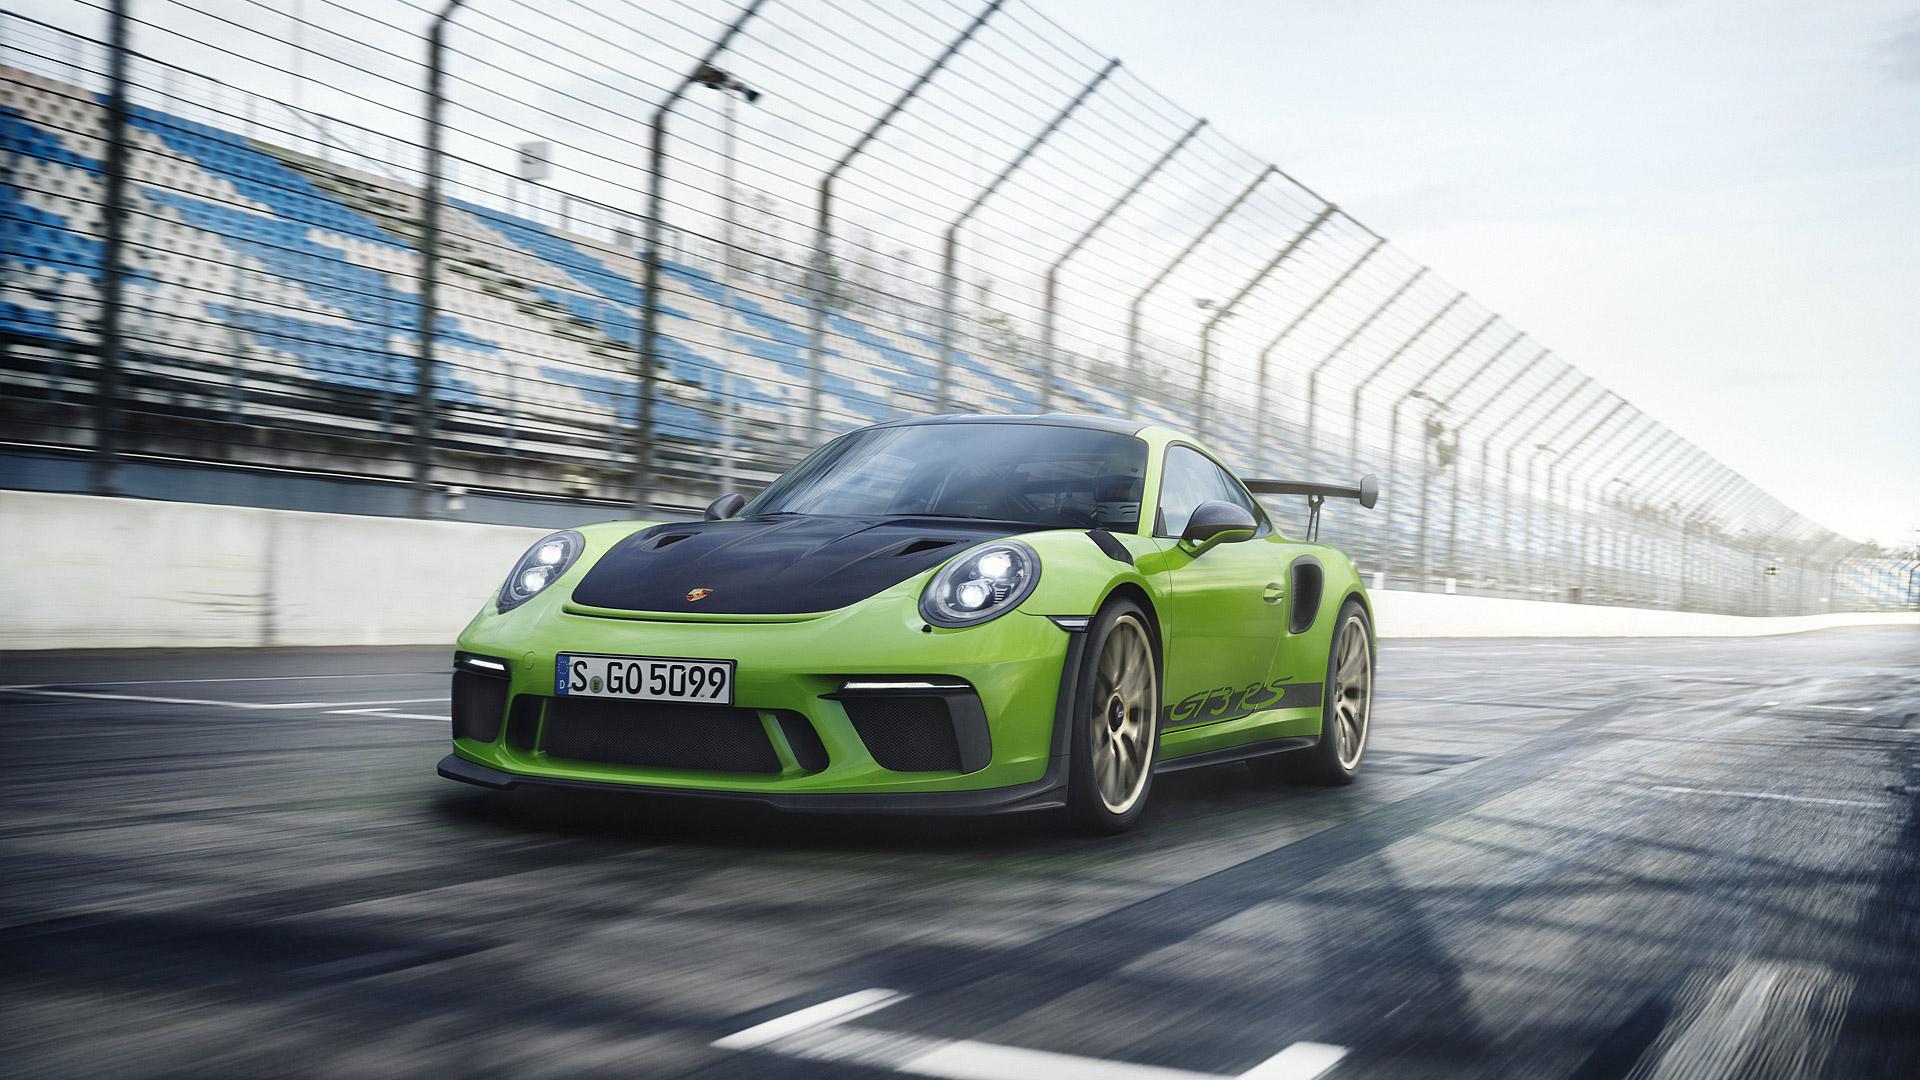 2018 Porsche 911 Gt3 Rs Wallpapers Supercars Net